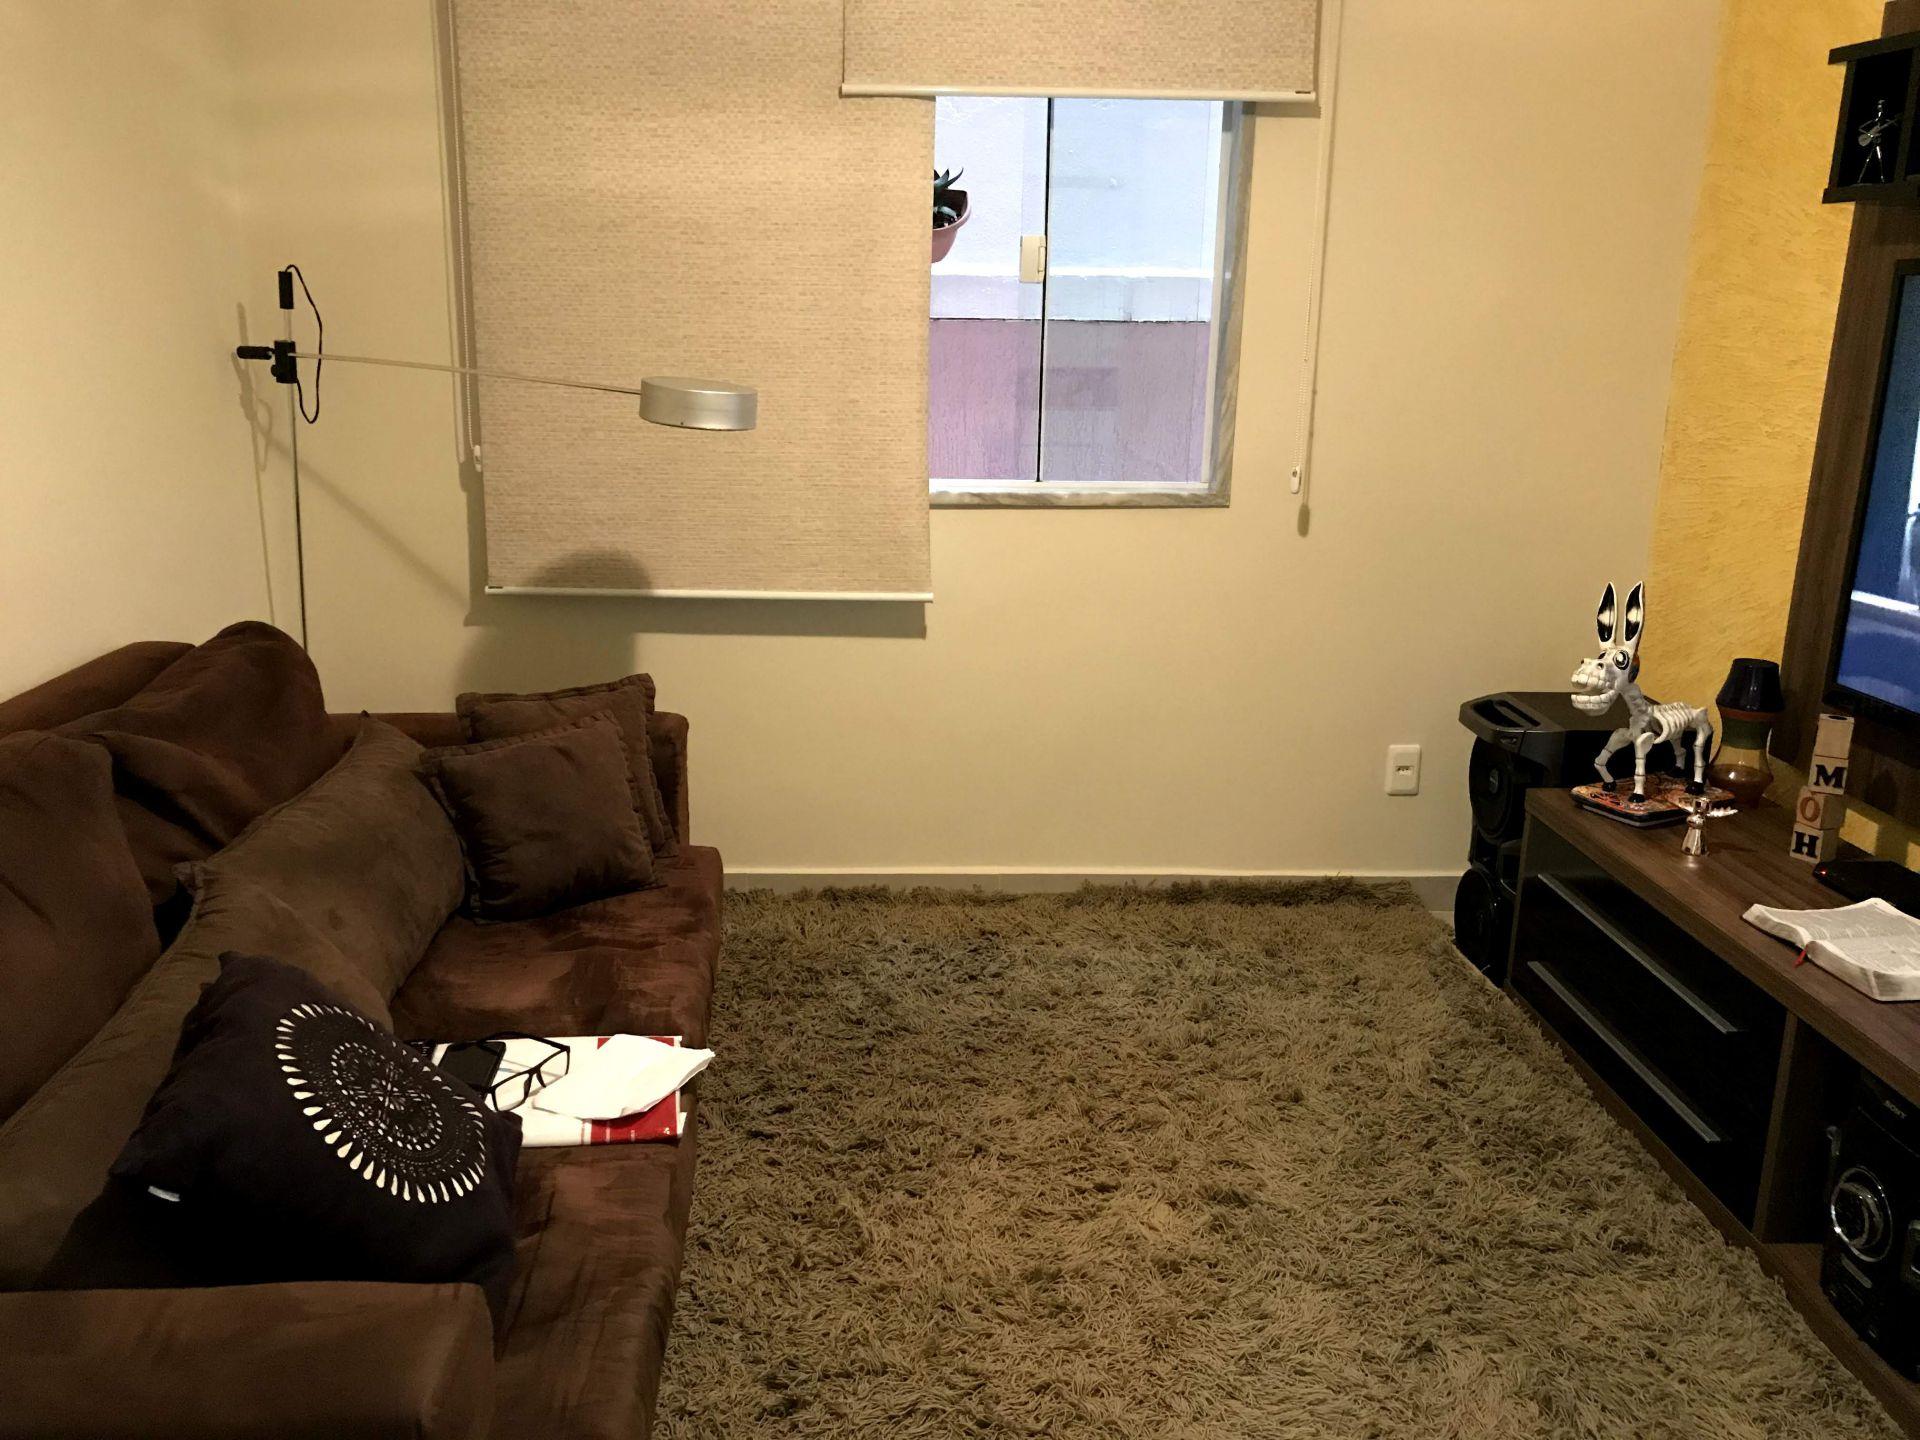 FOTO 4 - Casa em Condomínio à venda Rua Rosário Oeste,Vila Valqueire, Rio de Janeiro - R$ 1.500.000 - RF257 - 5